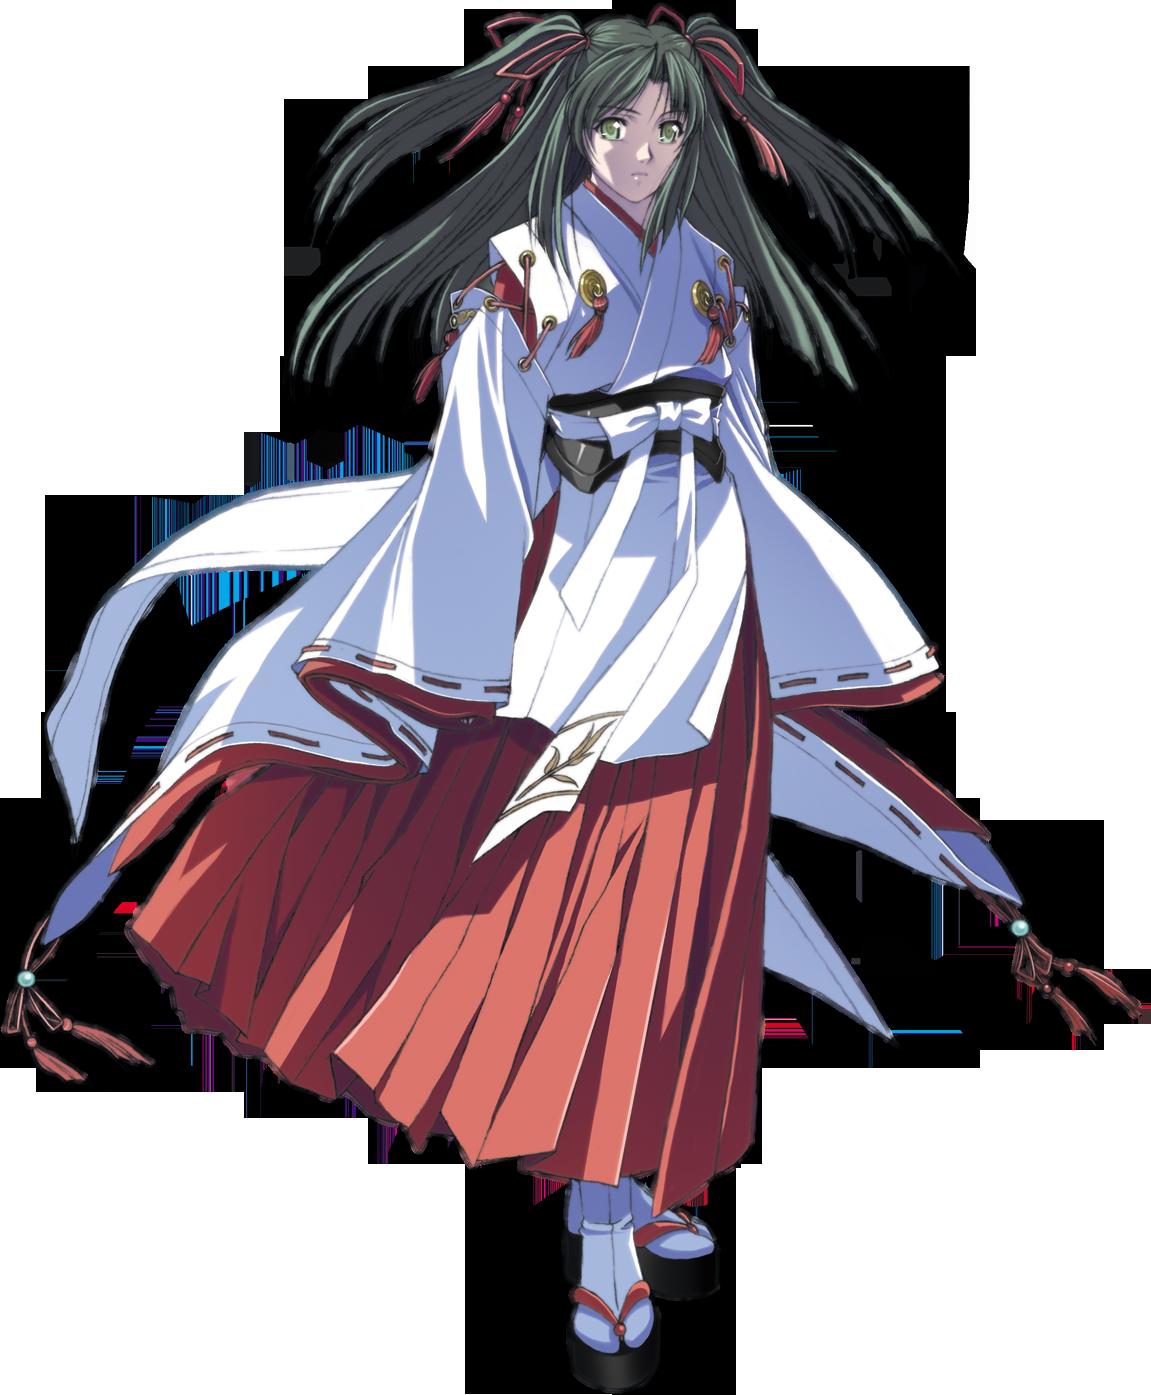 Sayo Yuuki